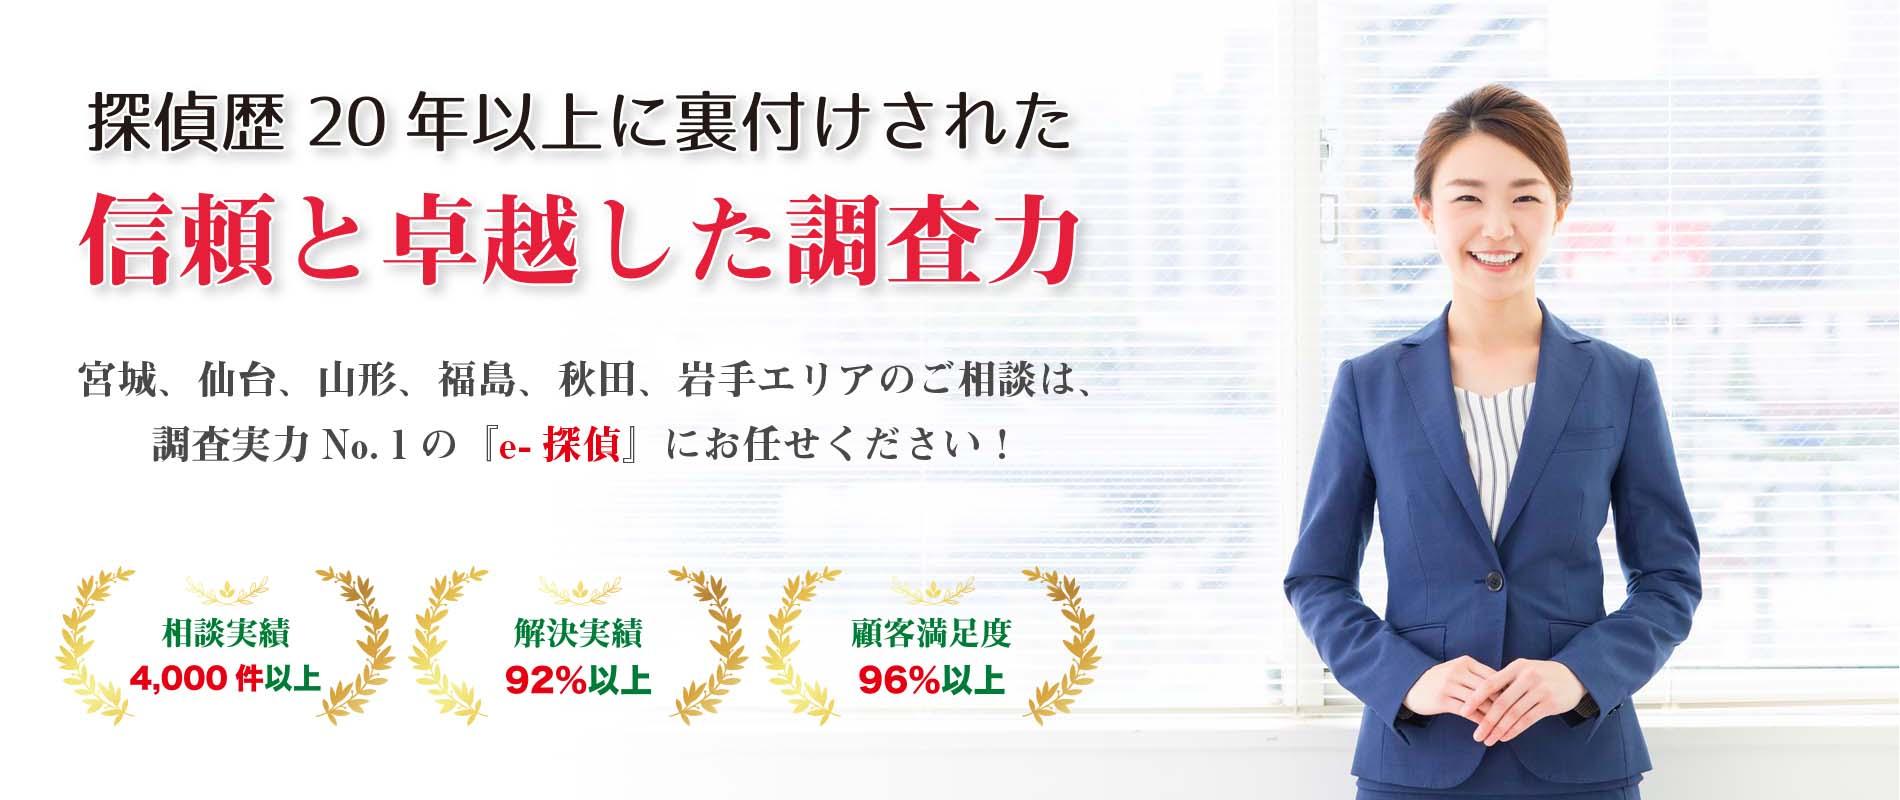 宮城県の探偵事務所・興信所はe-探偵